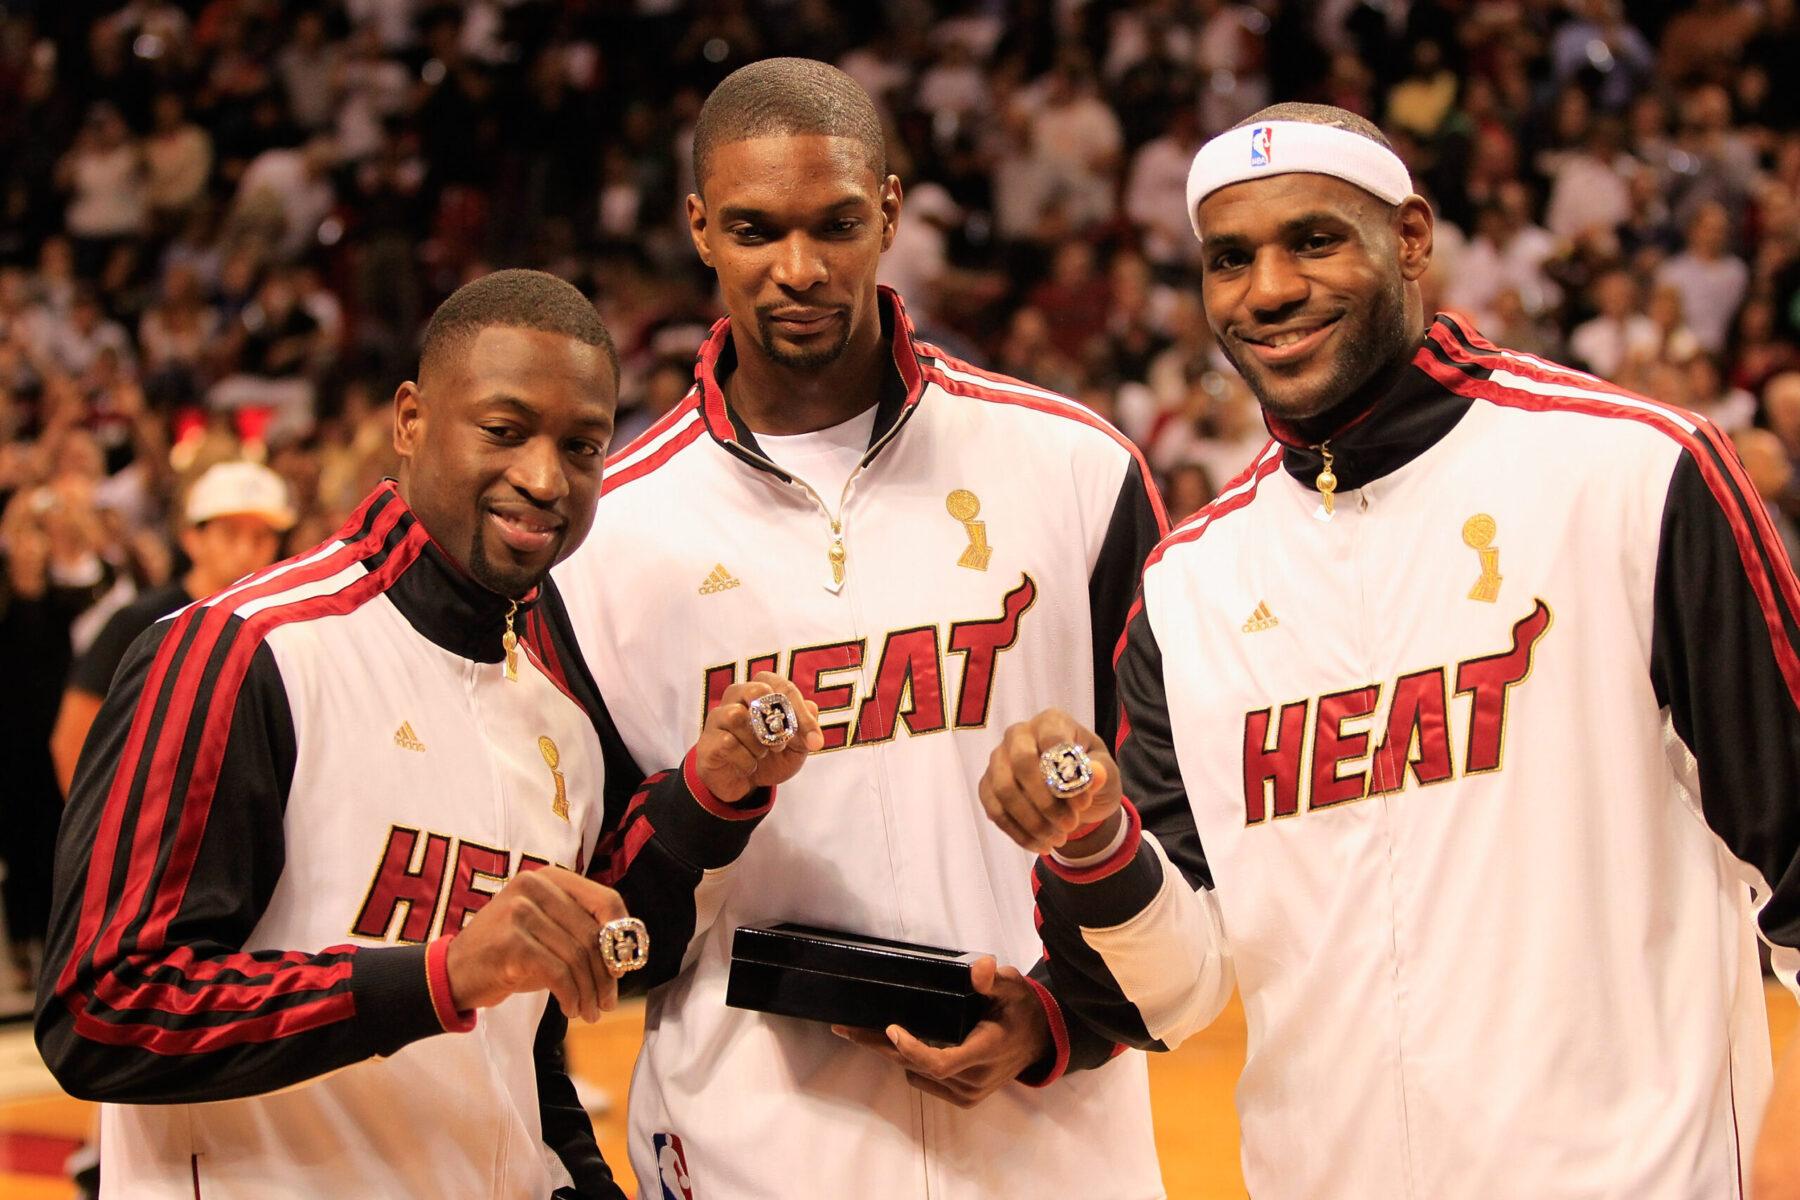 Dwyane Wade, Chris Bosh and LeBron James